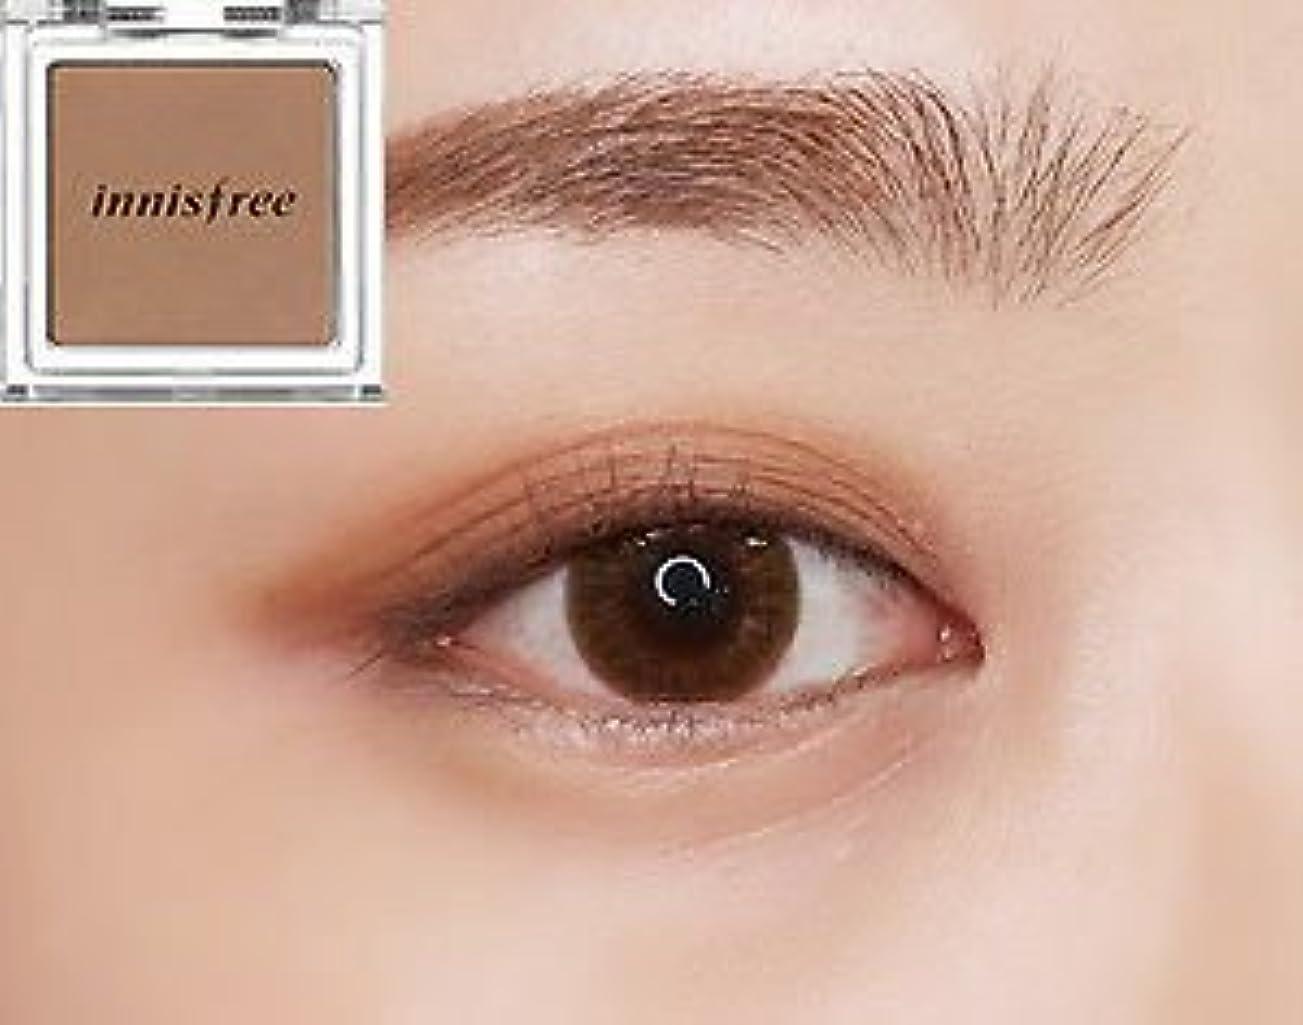 副詞説明するロードされた[イニスフリー] innisfree [マイ パレット マイ アイシャドウ (マット) 40カラー] MY PALETTE My Eyeshadow (Matte) 40 Shades [海外直送品] (マット #19)